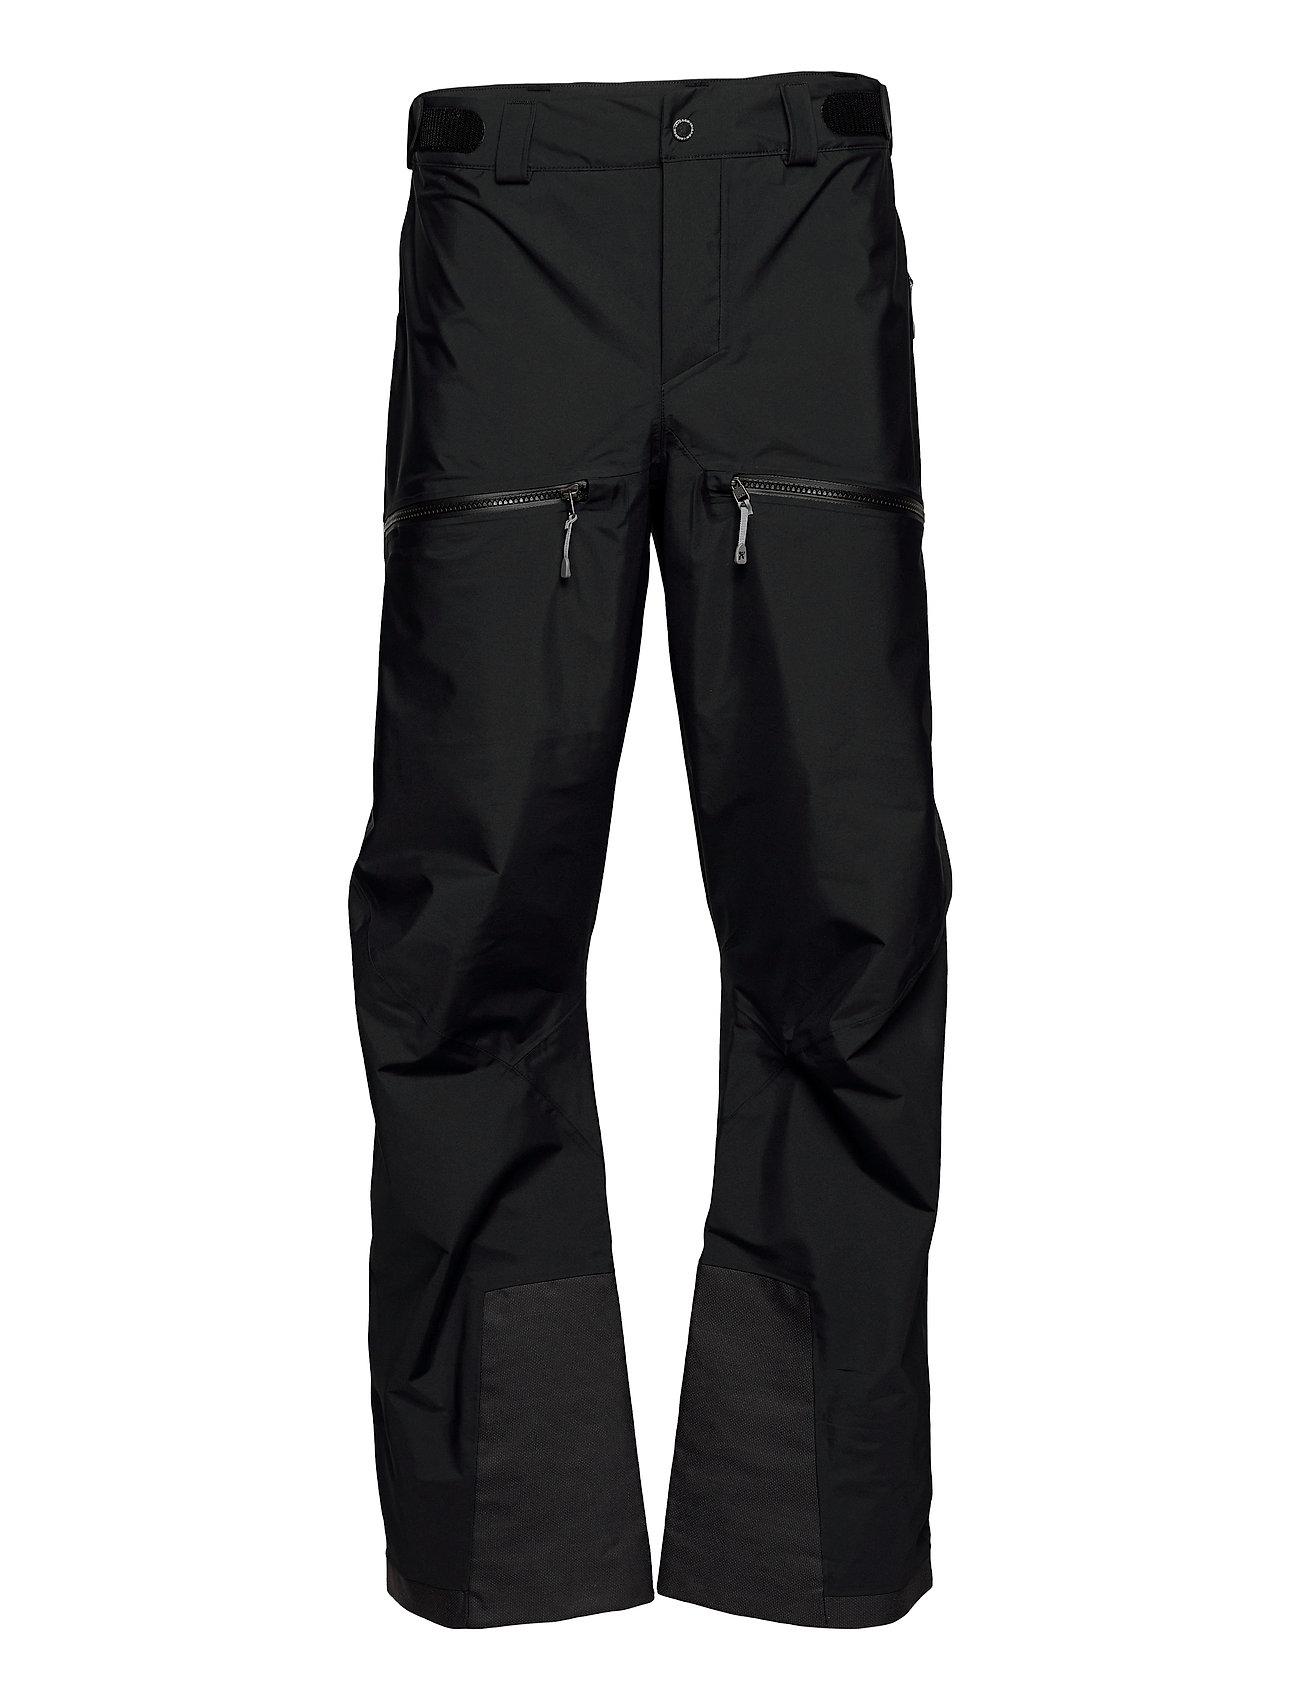 Image of M'S Purpose Pants Bukser Blå HOUDINI (3205356133)